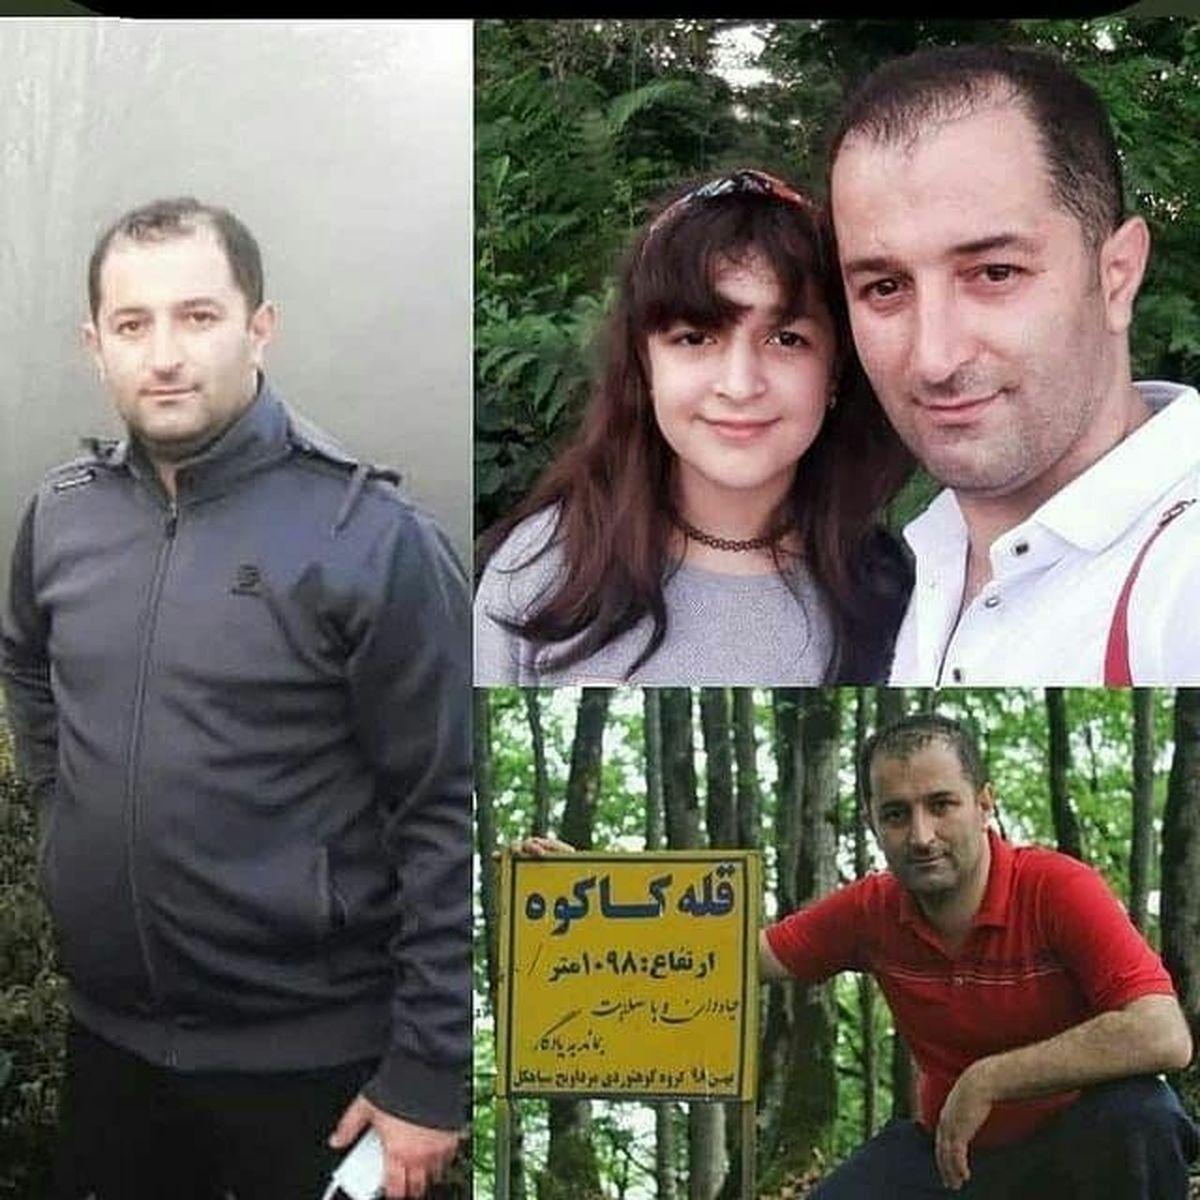 سلاخی مرگبار یک پلیس در خیابان + عکس شهید